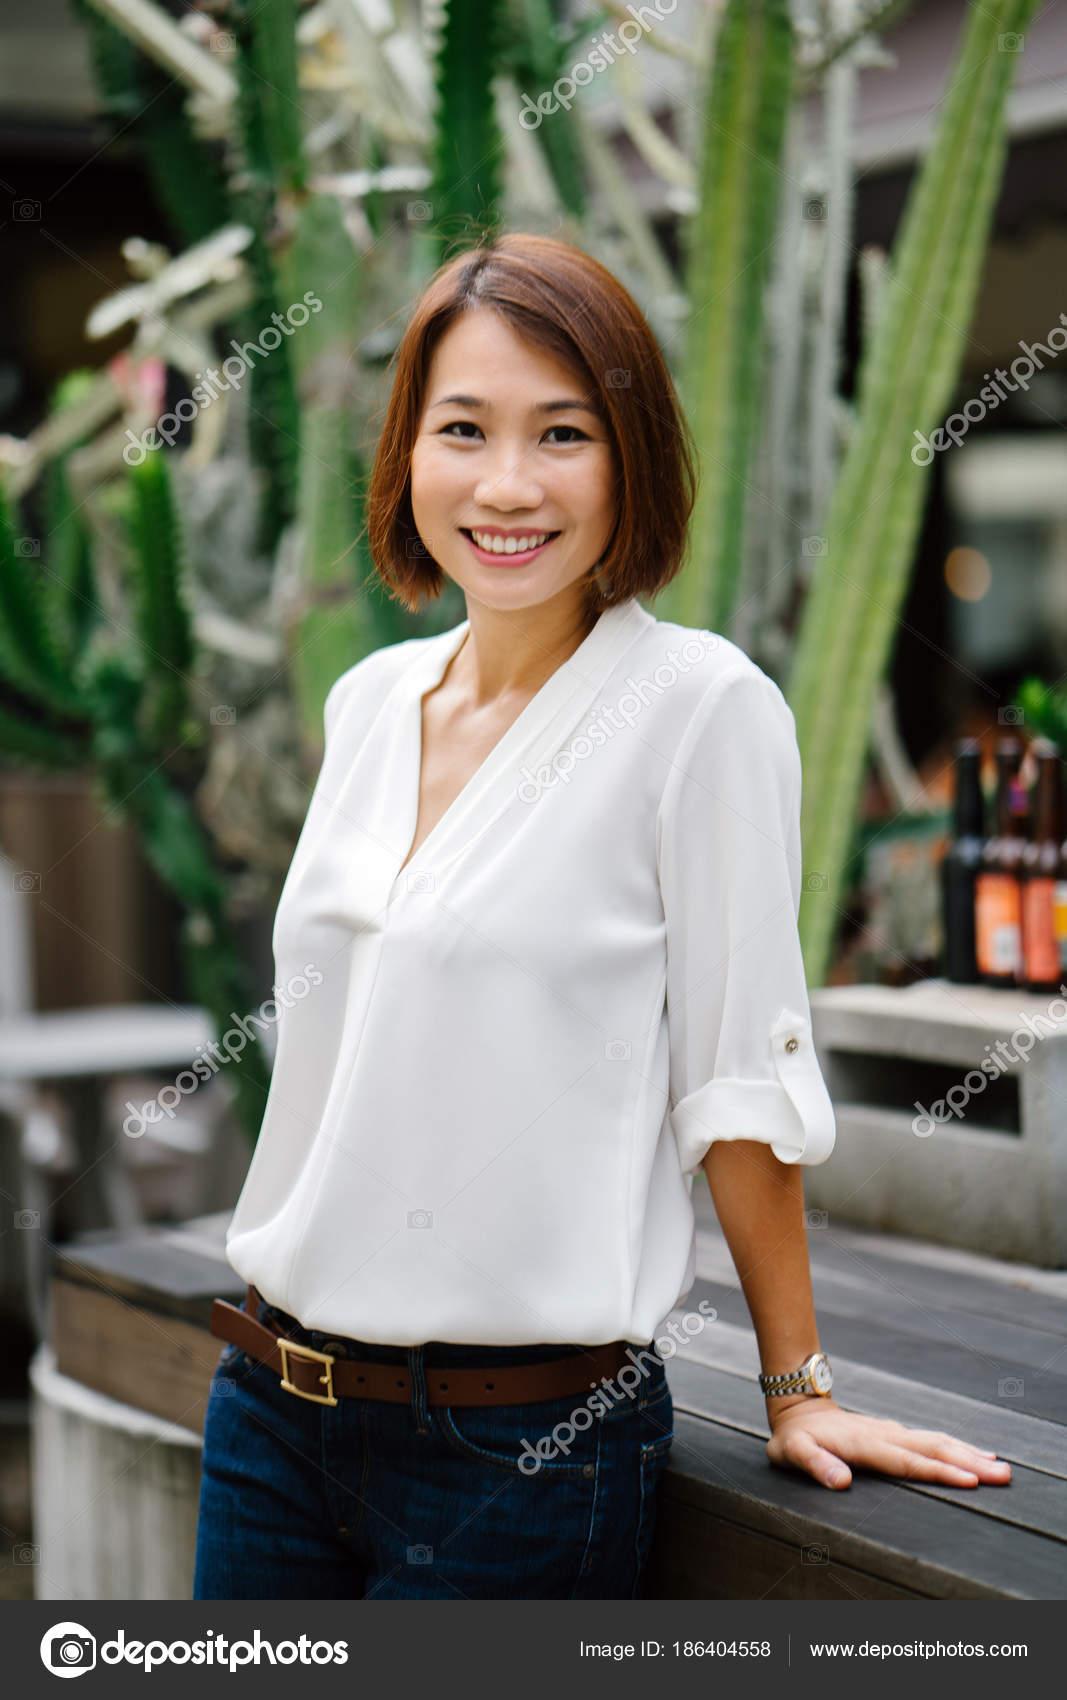 98eb1c6db7fd Portrét Čínského Asijské Ženy Smart Casual Opírala Stůl Před Velký– stock  obrázky